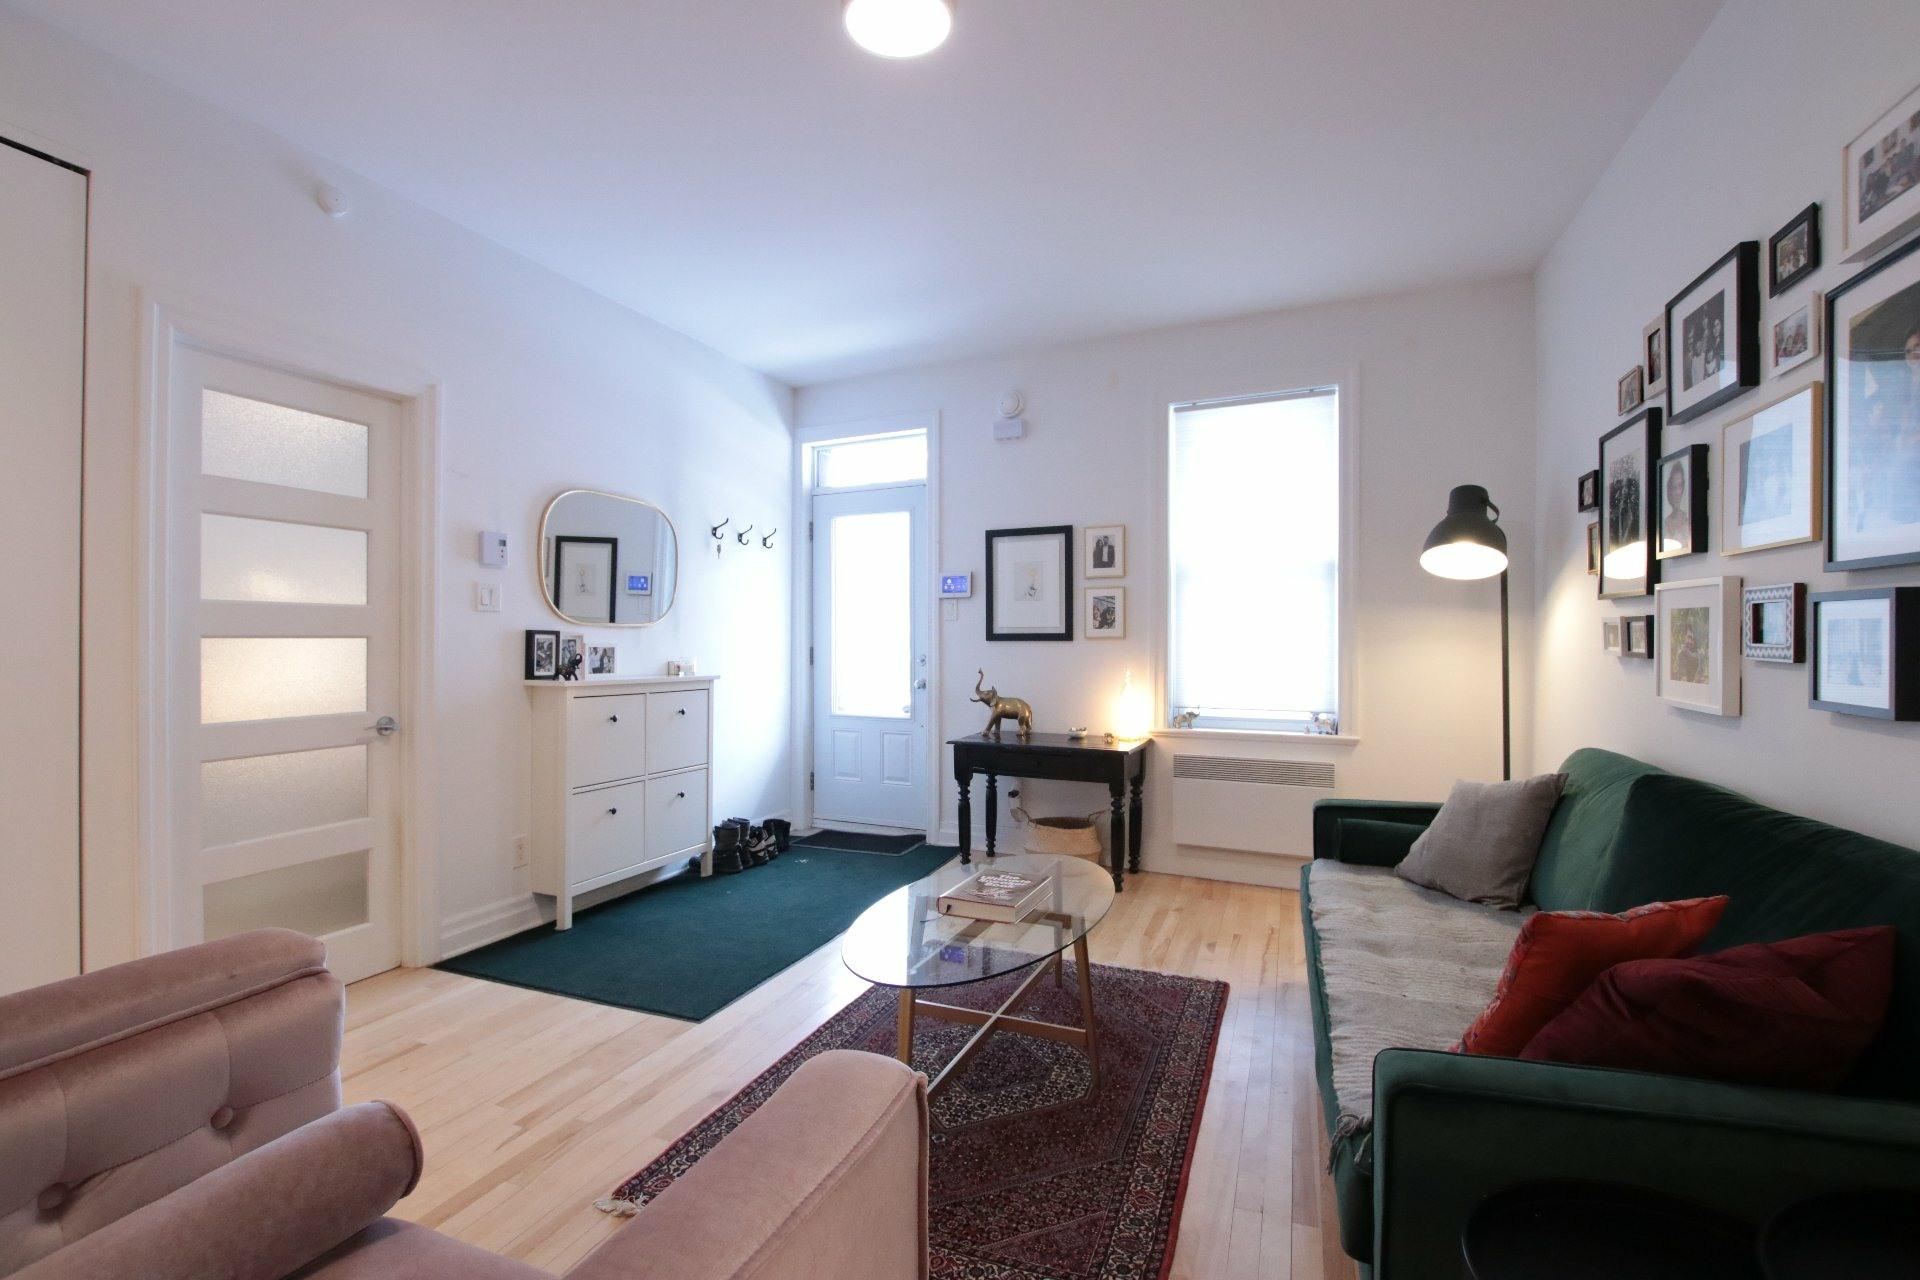 image 2 - Appartement À louer Côte-des-Neiges/Notre-Dame-de-Grâce Montréal  - 7 pièces